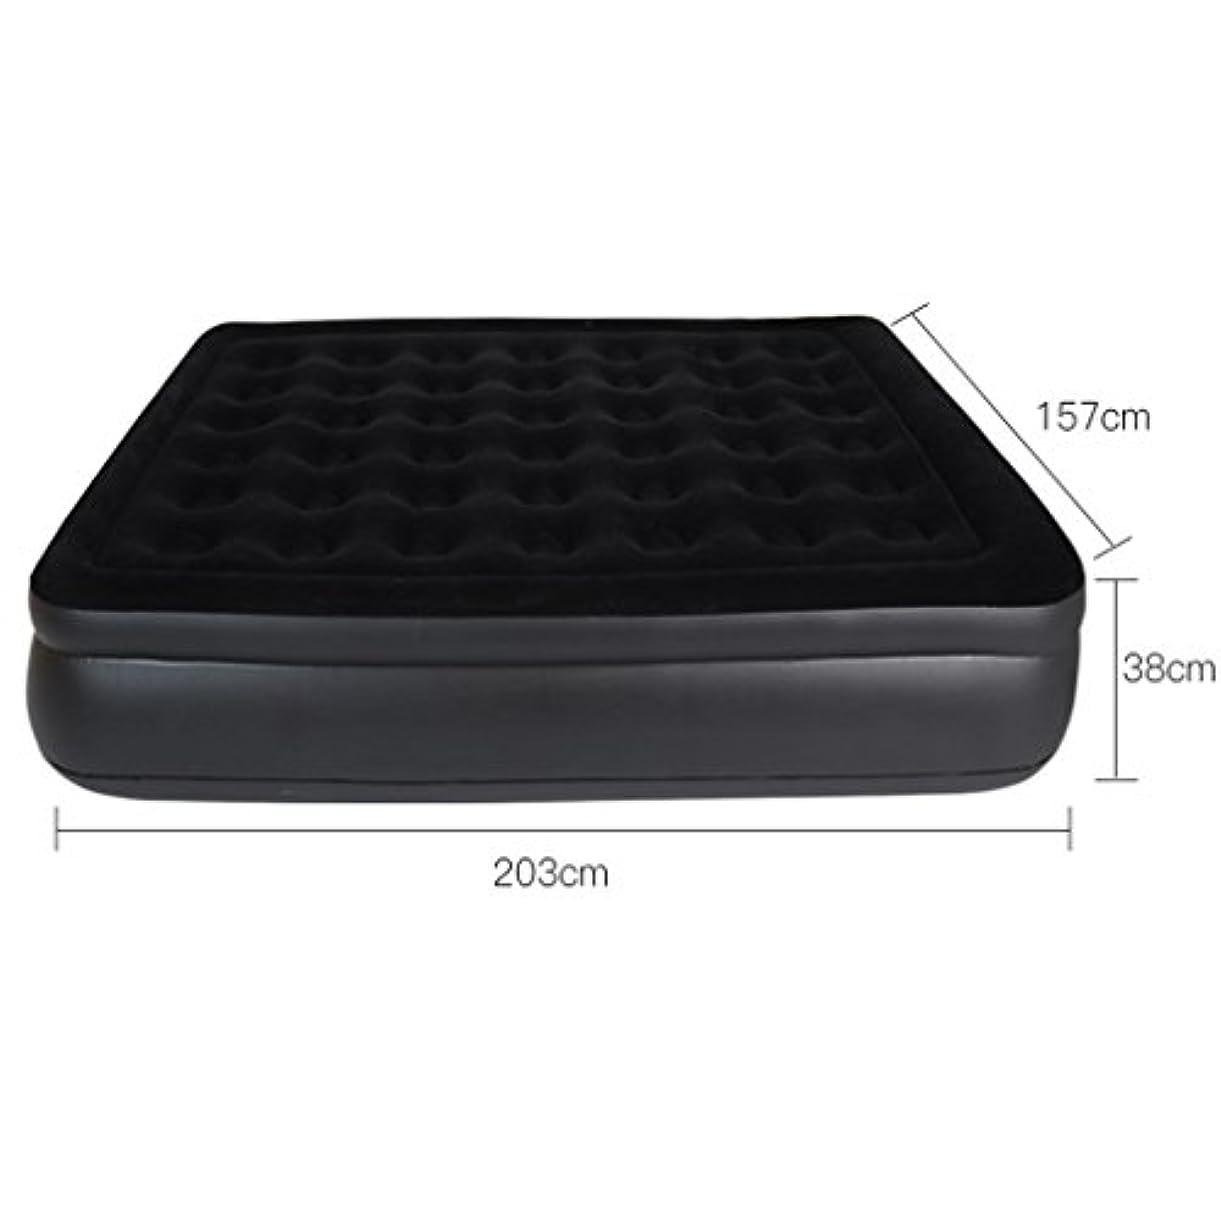 暖かく売り手汚染するベッド、屋外インフレータブル家庭用エアクッションマットレス折りたたみ式レイジーポータブルシンプル (サイズ さいず : 157*203*38cm)